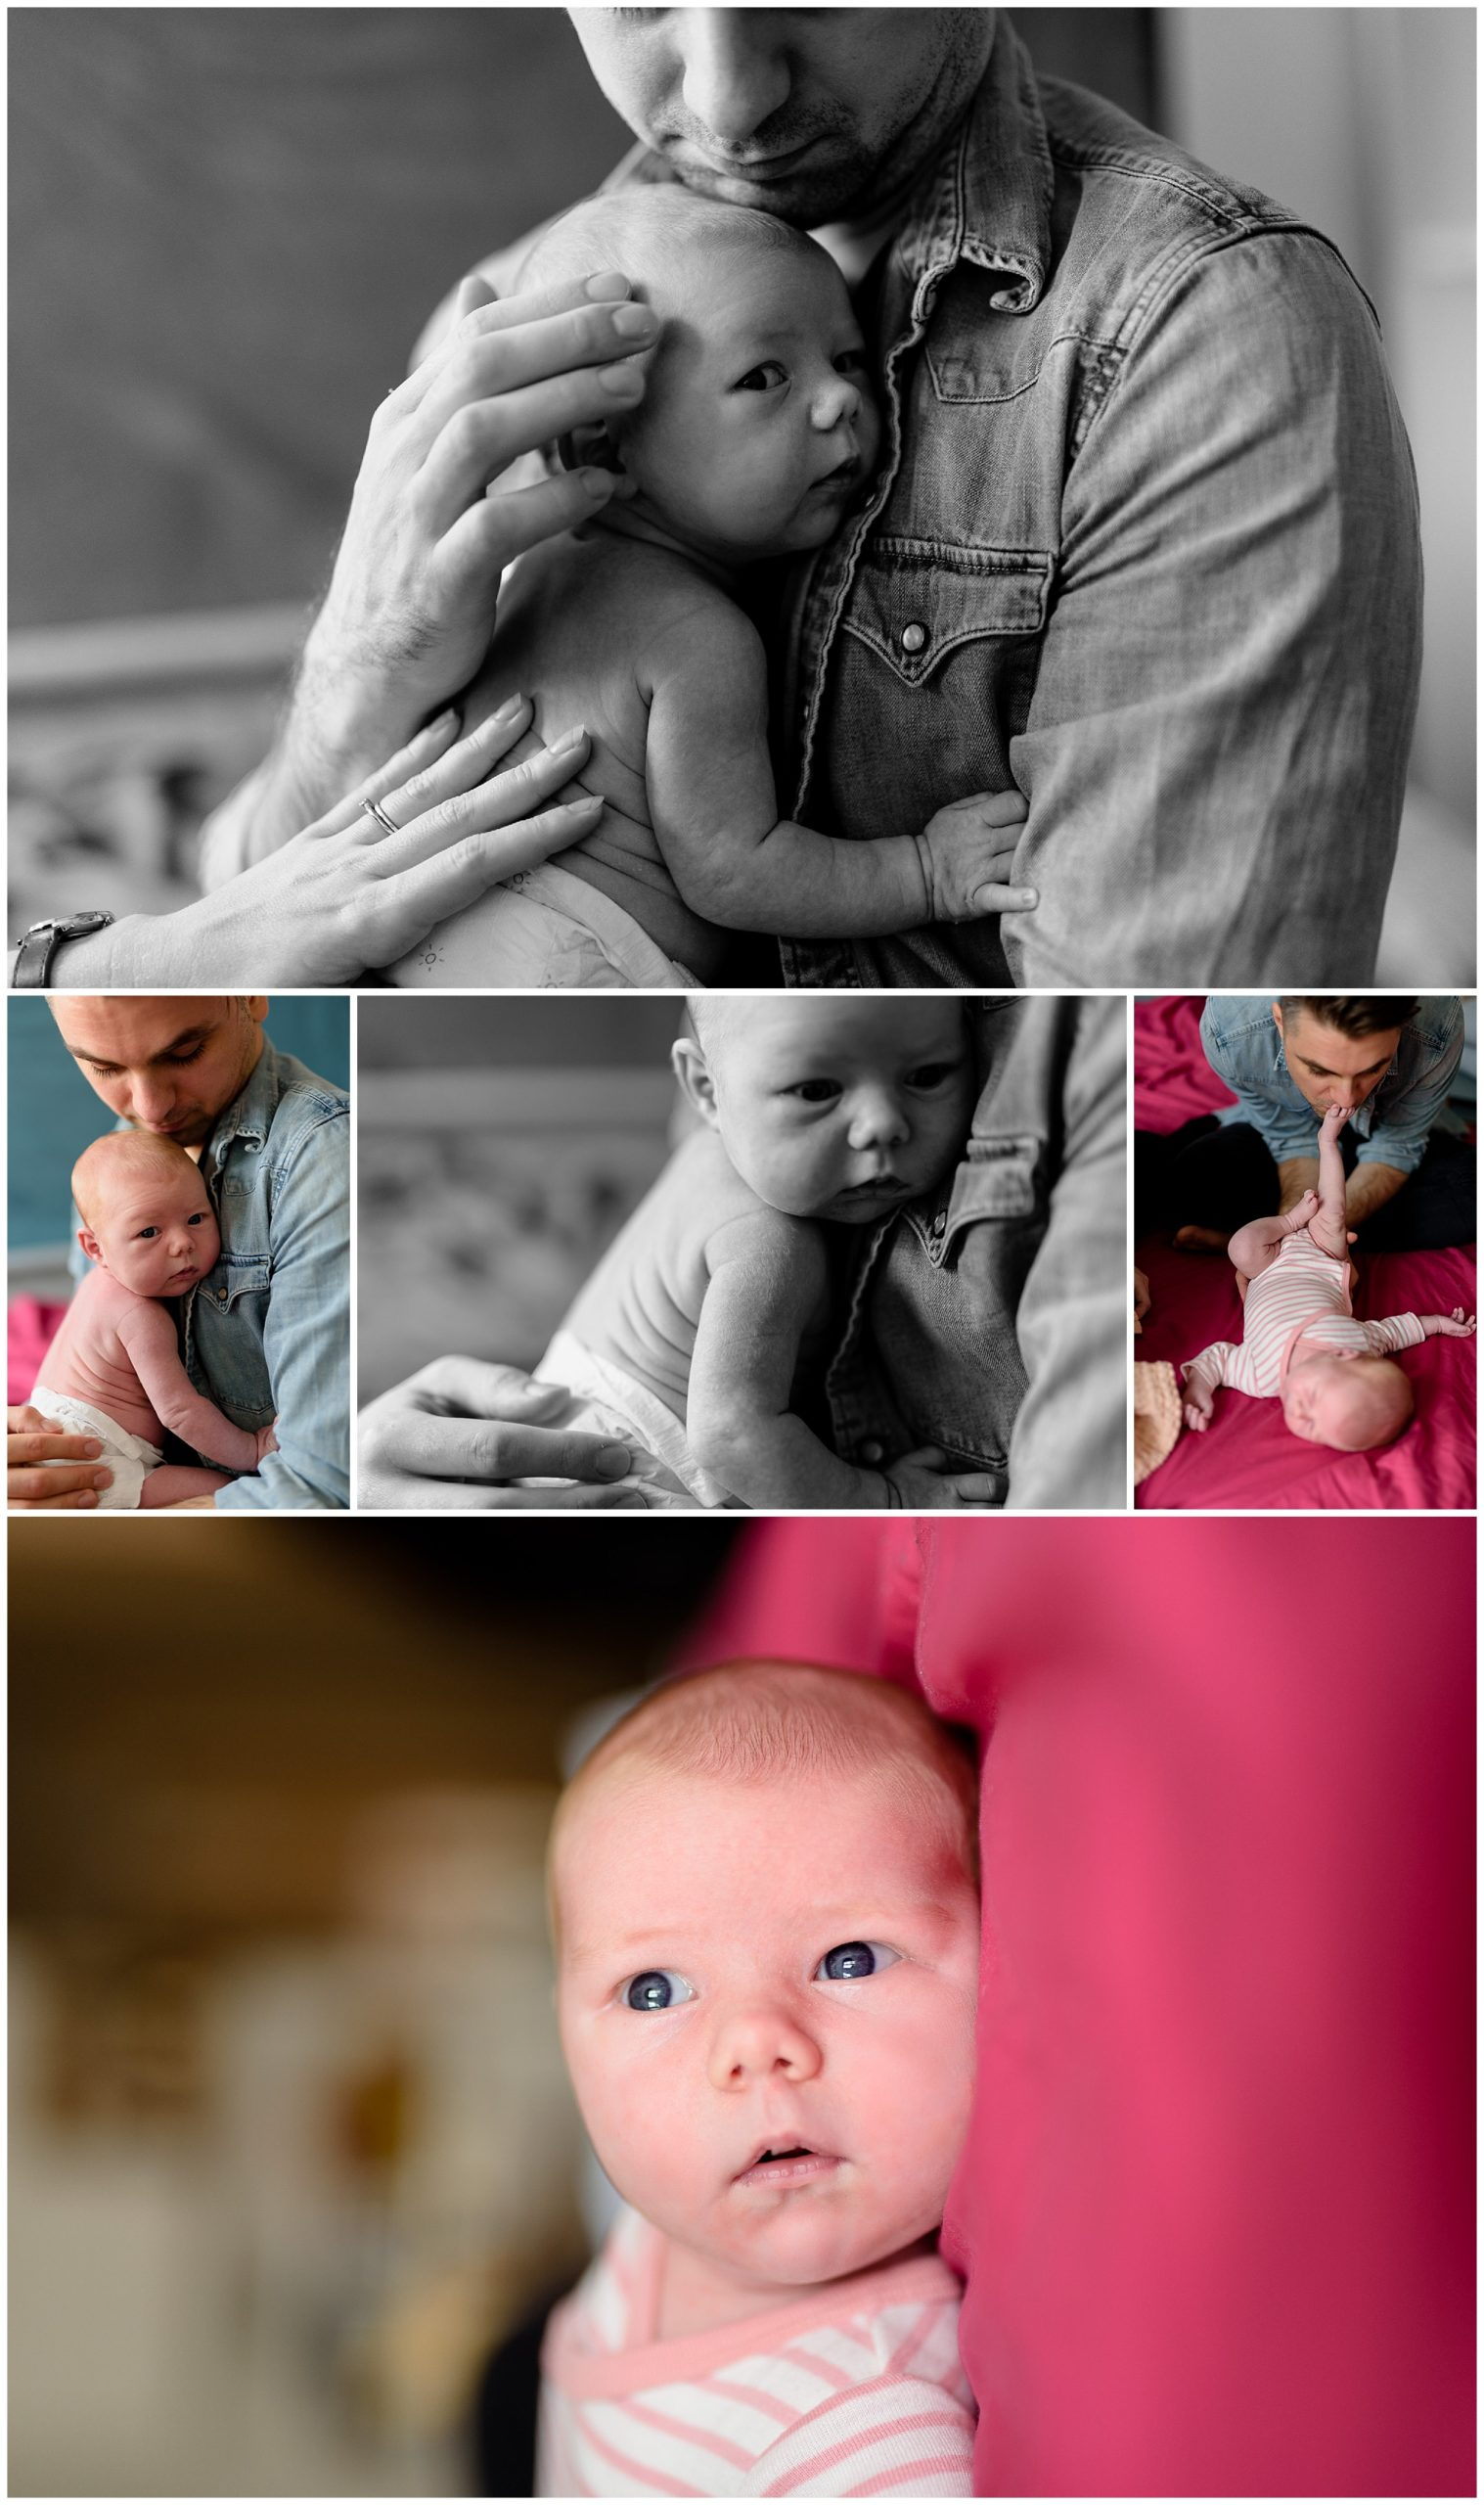 photographe bébé domicile Sandrine Siryani nouveau-né famille chatou paris Yvelines hauts-de-seine